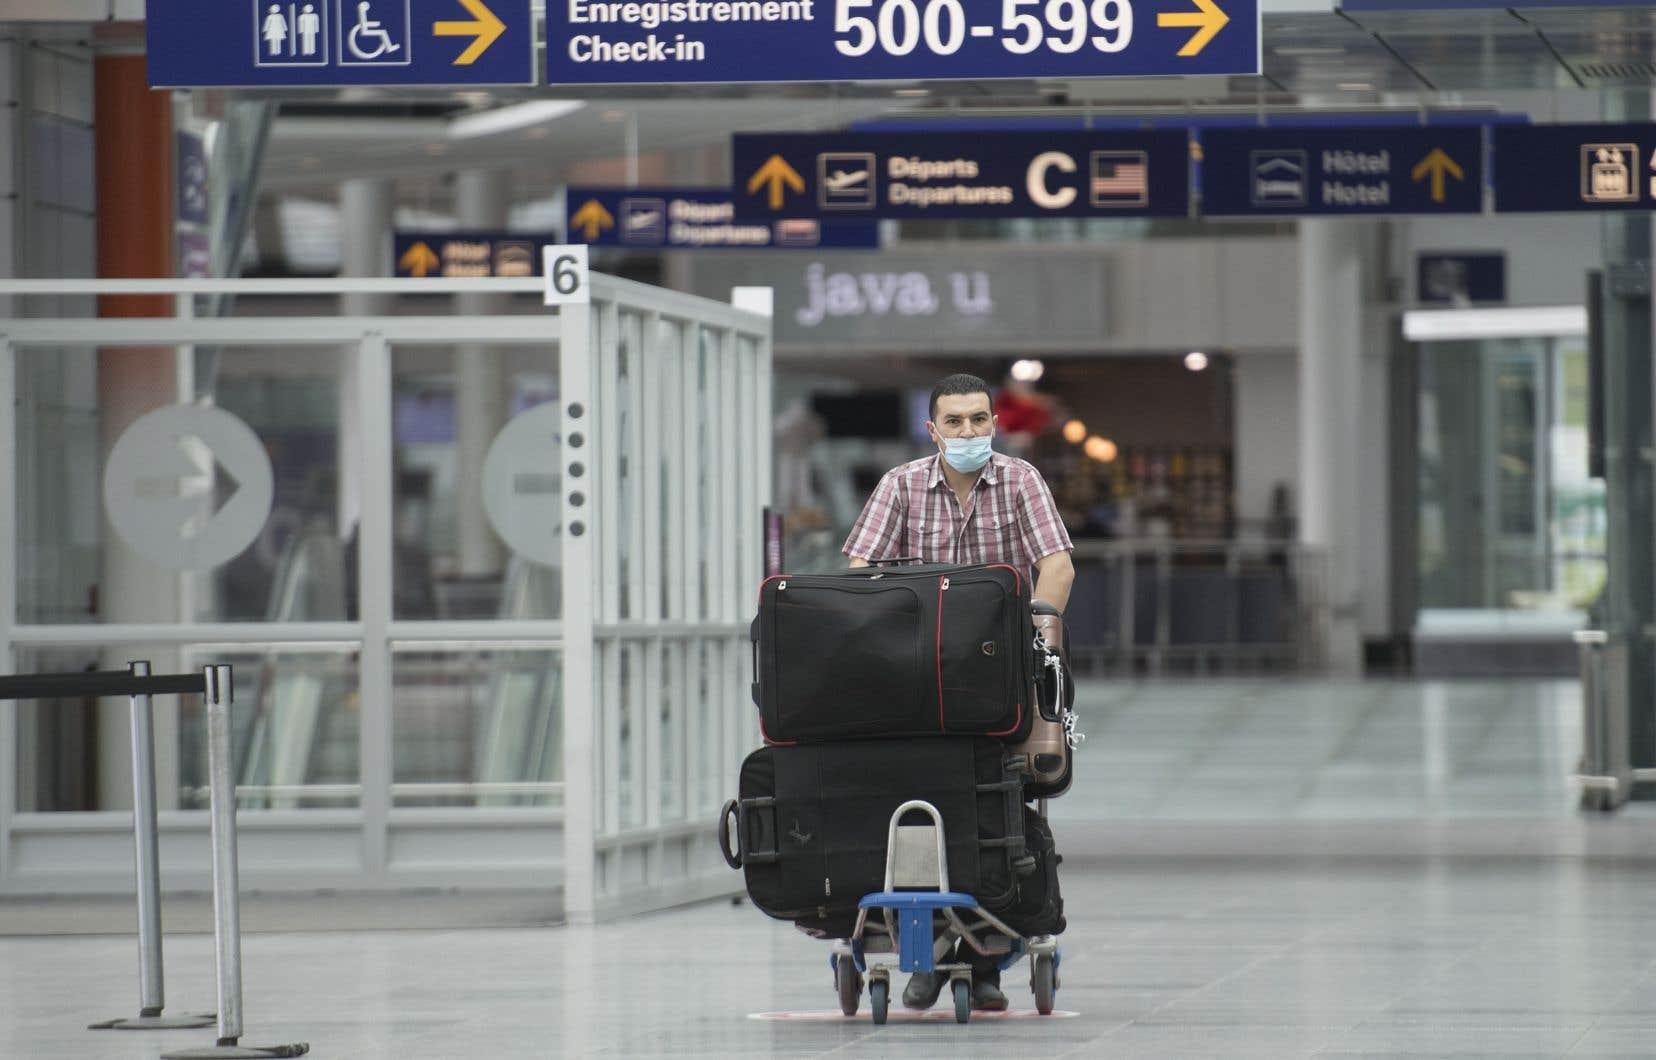 <p>Ce sont les Québécois qui sont les plus favorables à une interdiction de voyager (73%) suivis de près par les Ontariens (71%) tandis que les Albertains (48%), les Saskatchewanais (53%) et les Manitobains (55%) y sont les plus réfractaires au pays.</p>